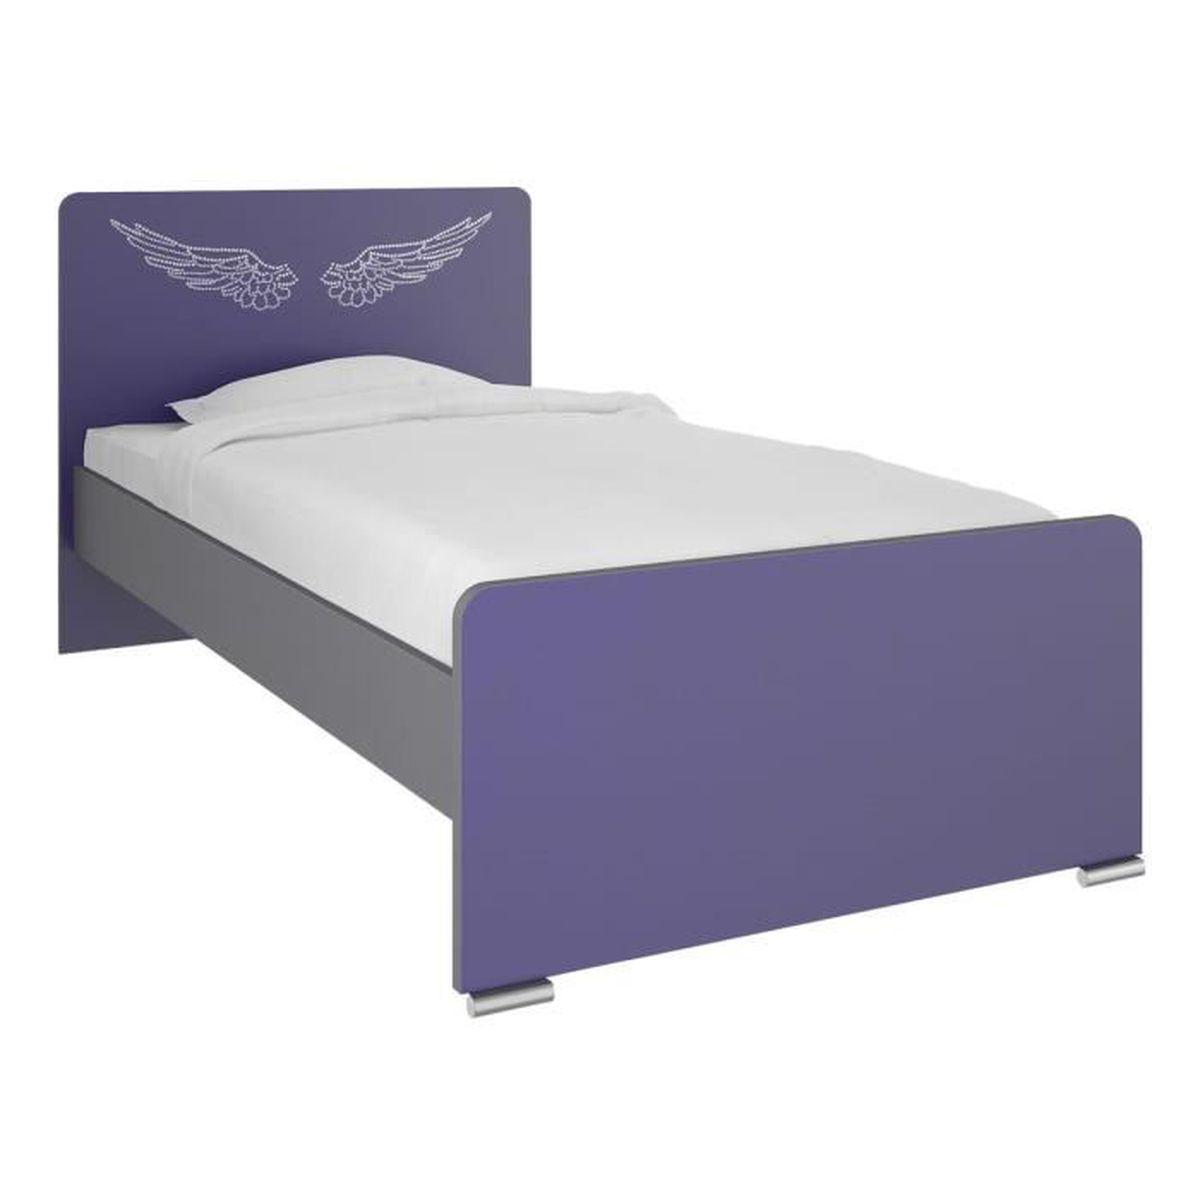 Lit enfant en panneaux de particules l120 x h45 90 x p194cm achat vente - Achat de lit en ligne ...